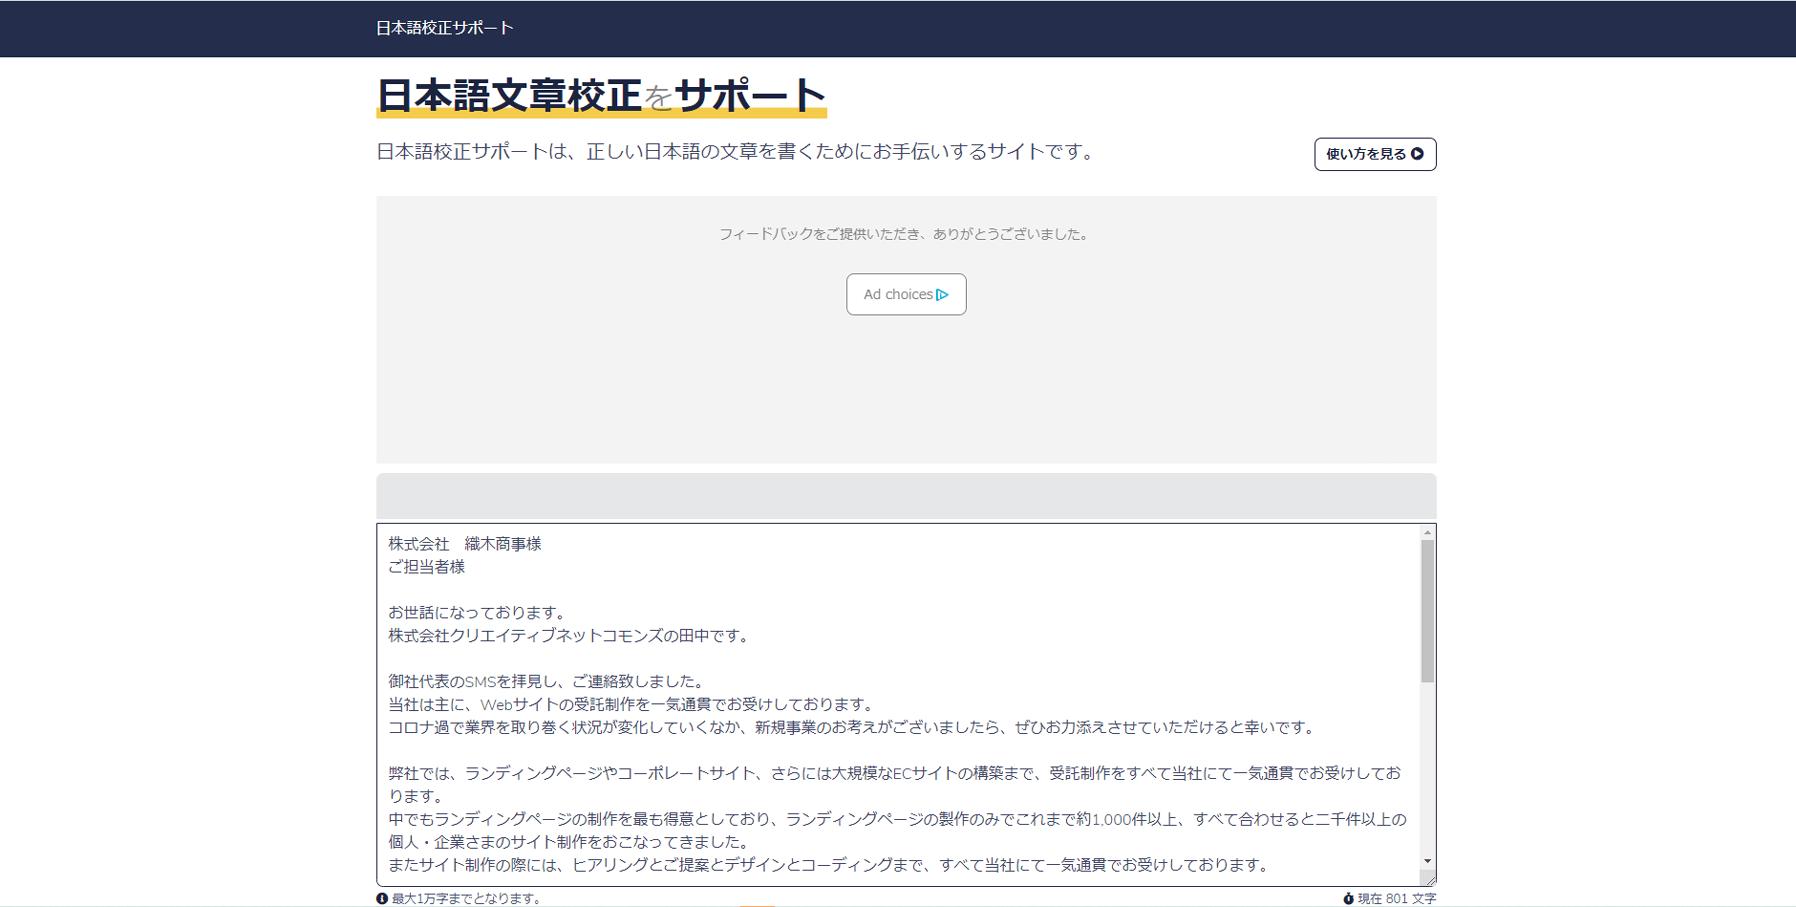 日本語校正サポート使用画像